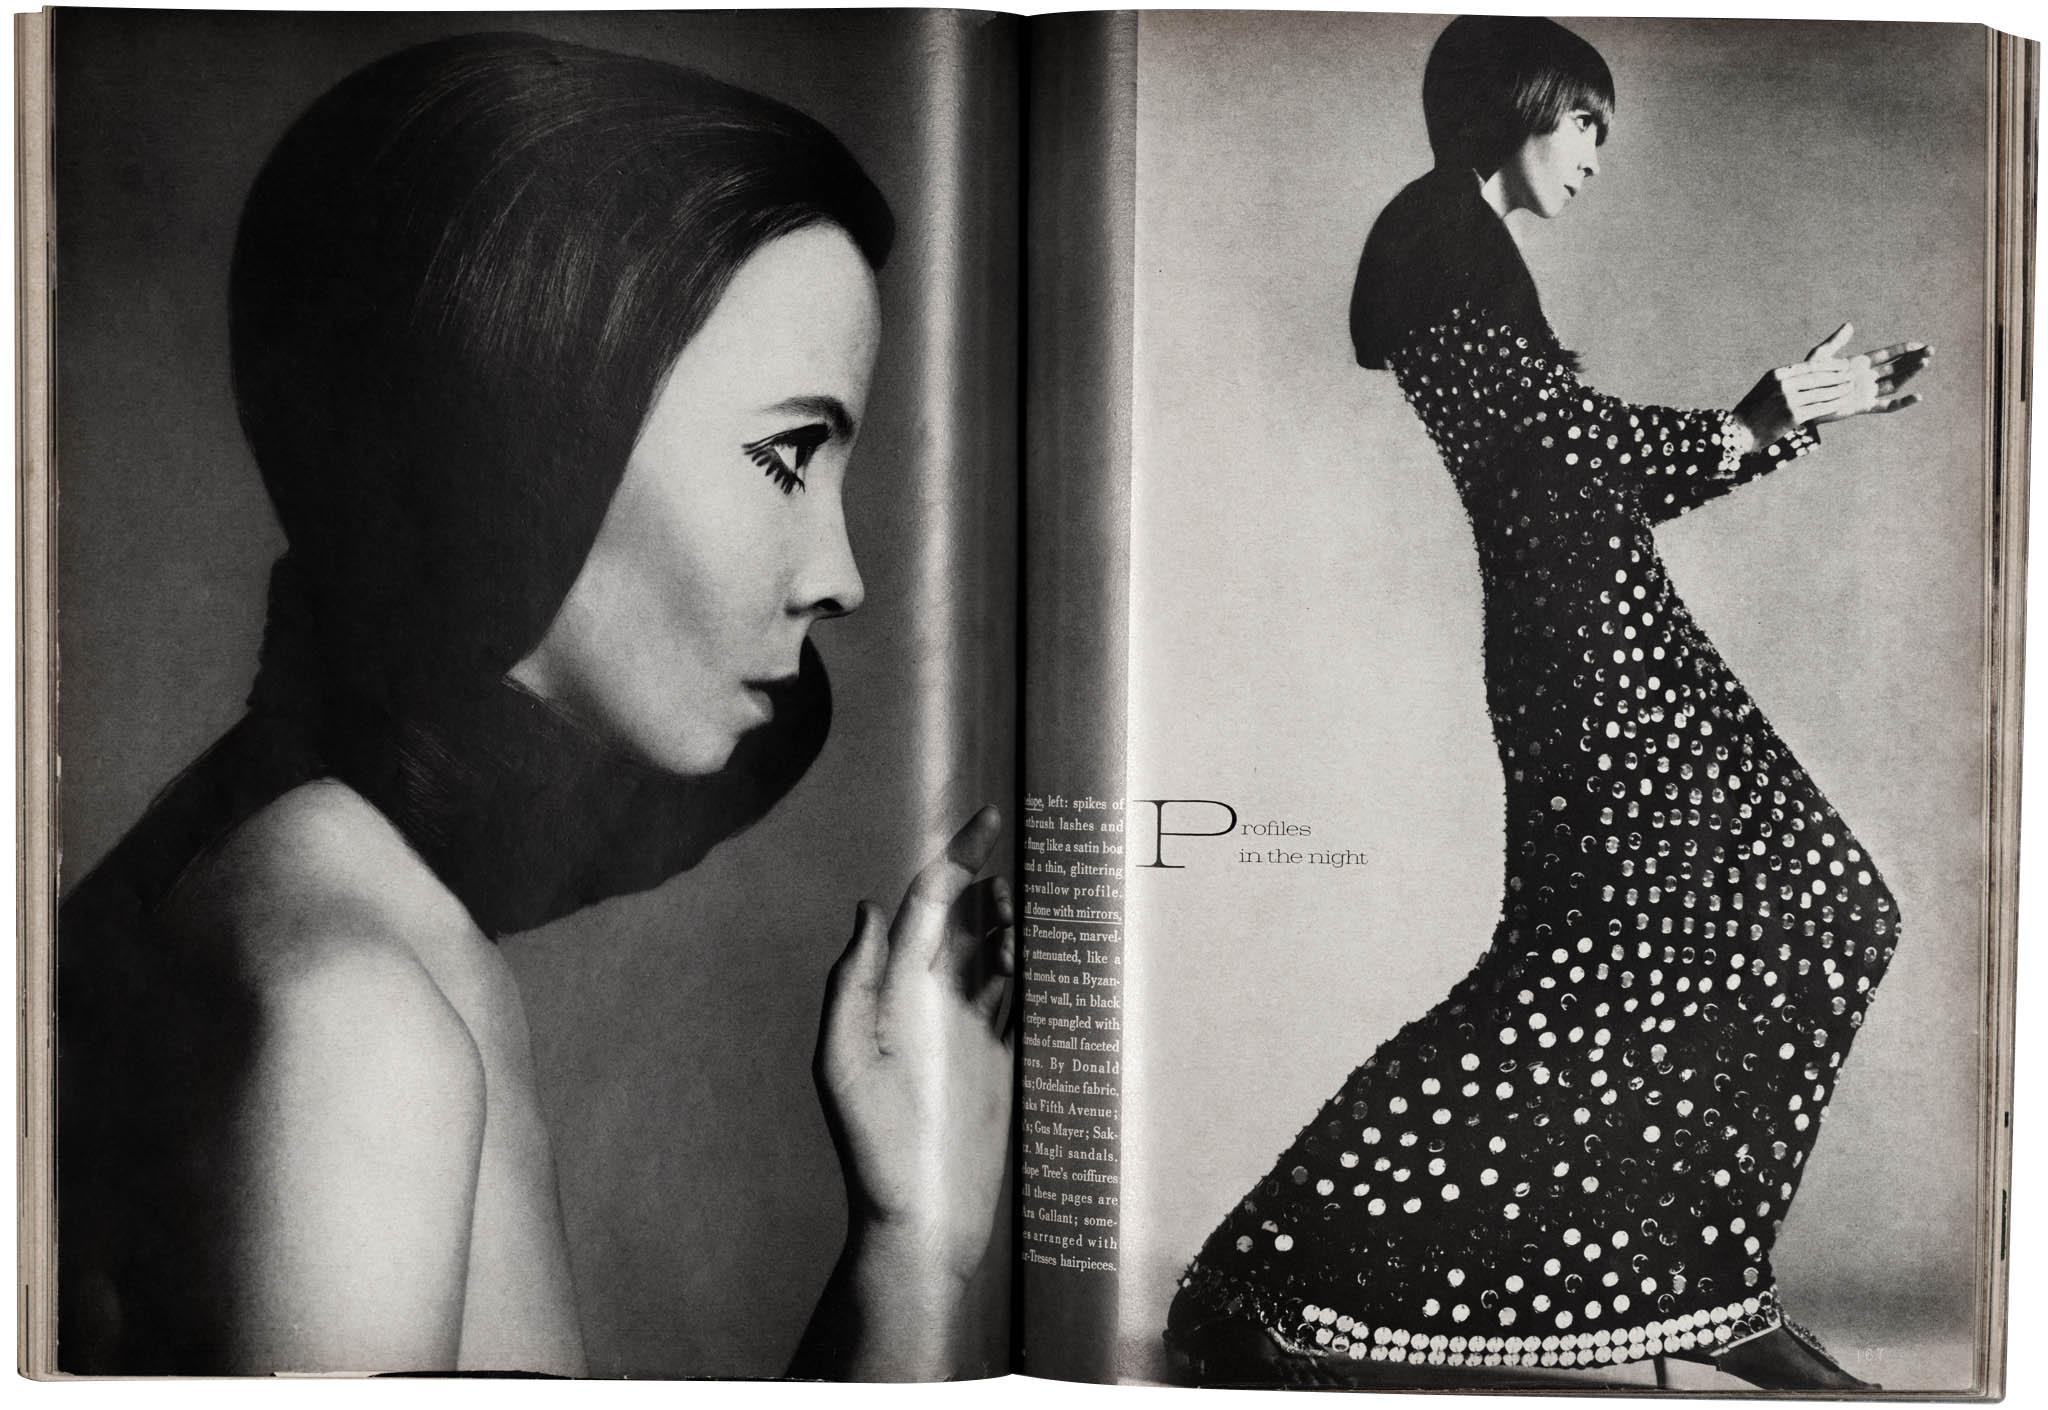 Vogue_10_1967_Spread_p166-167_Ap.jpg